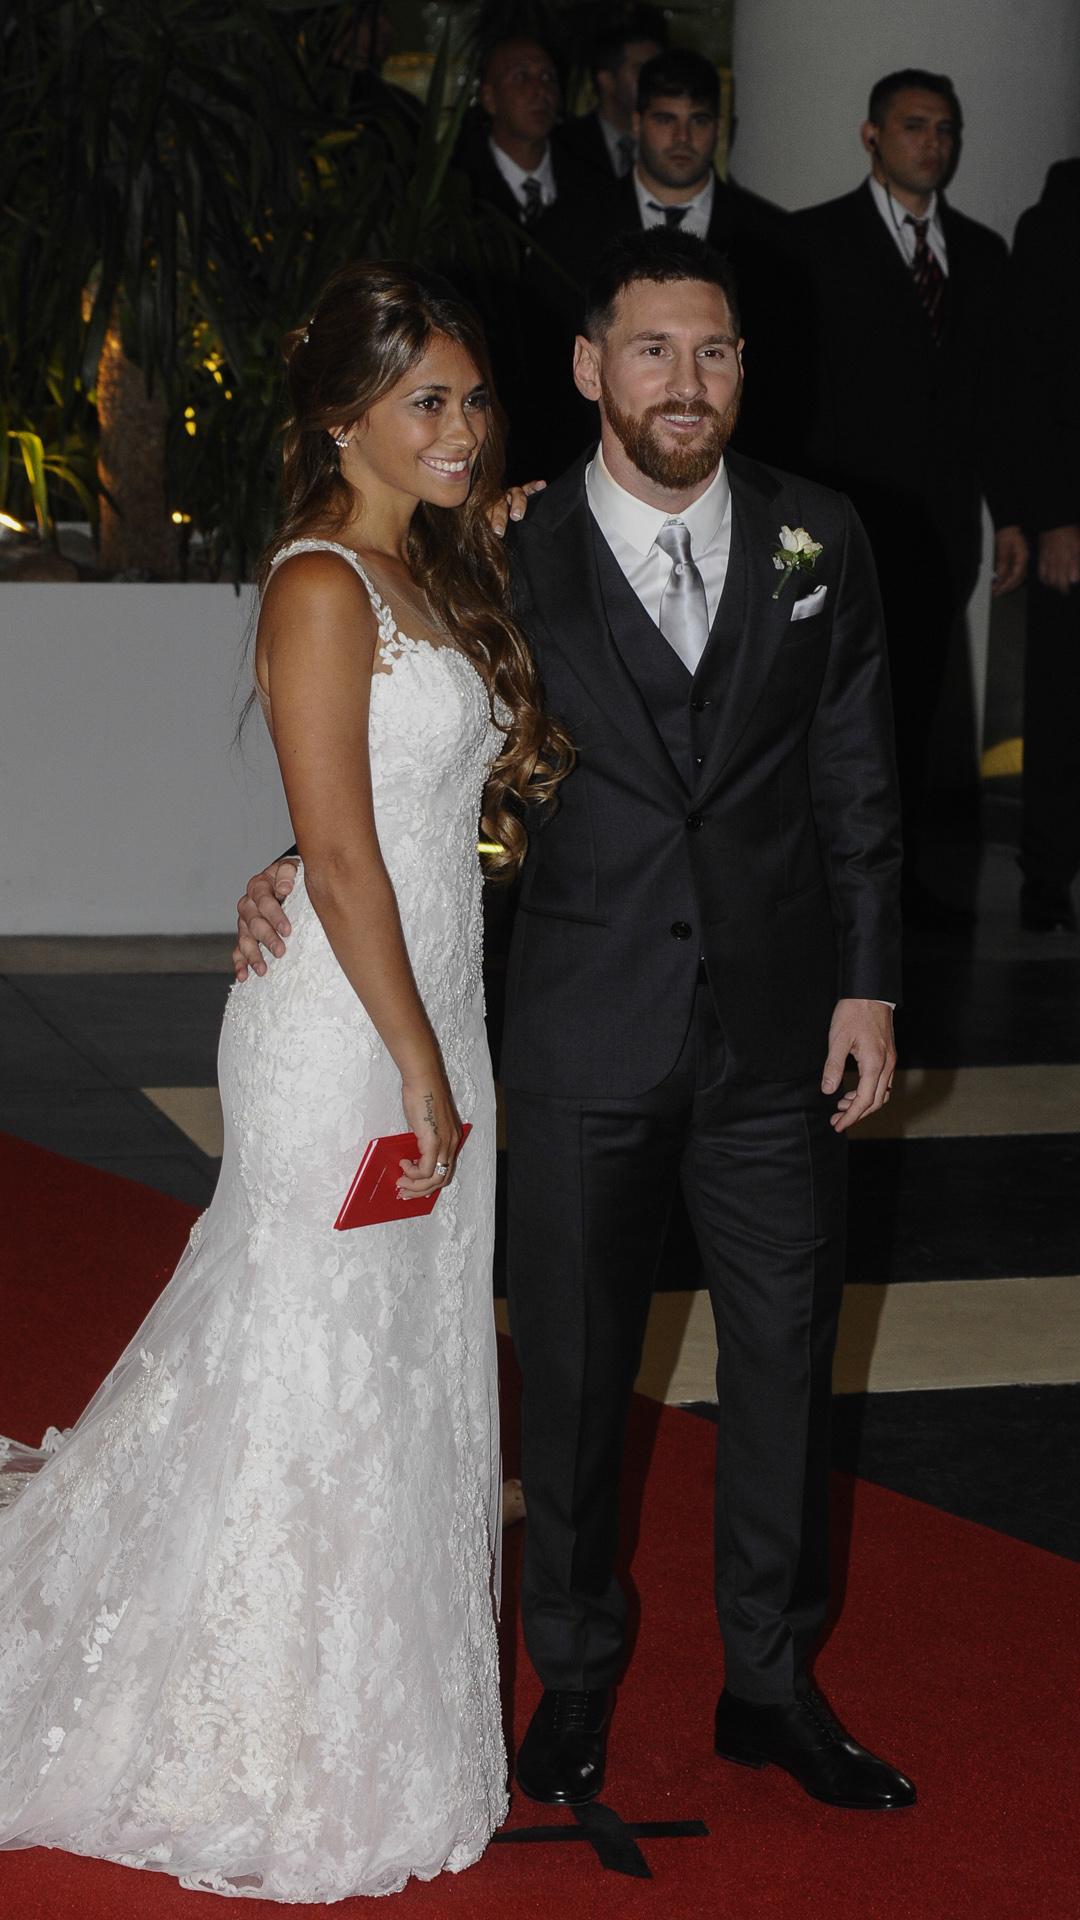 Messi elegió un look clásico con impronta europea (Martín Villar)